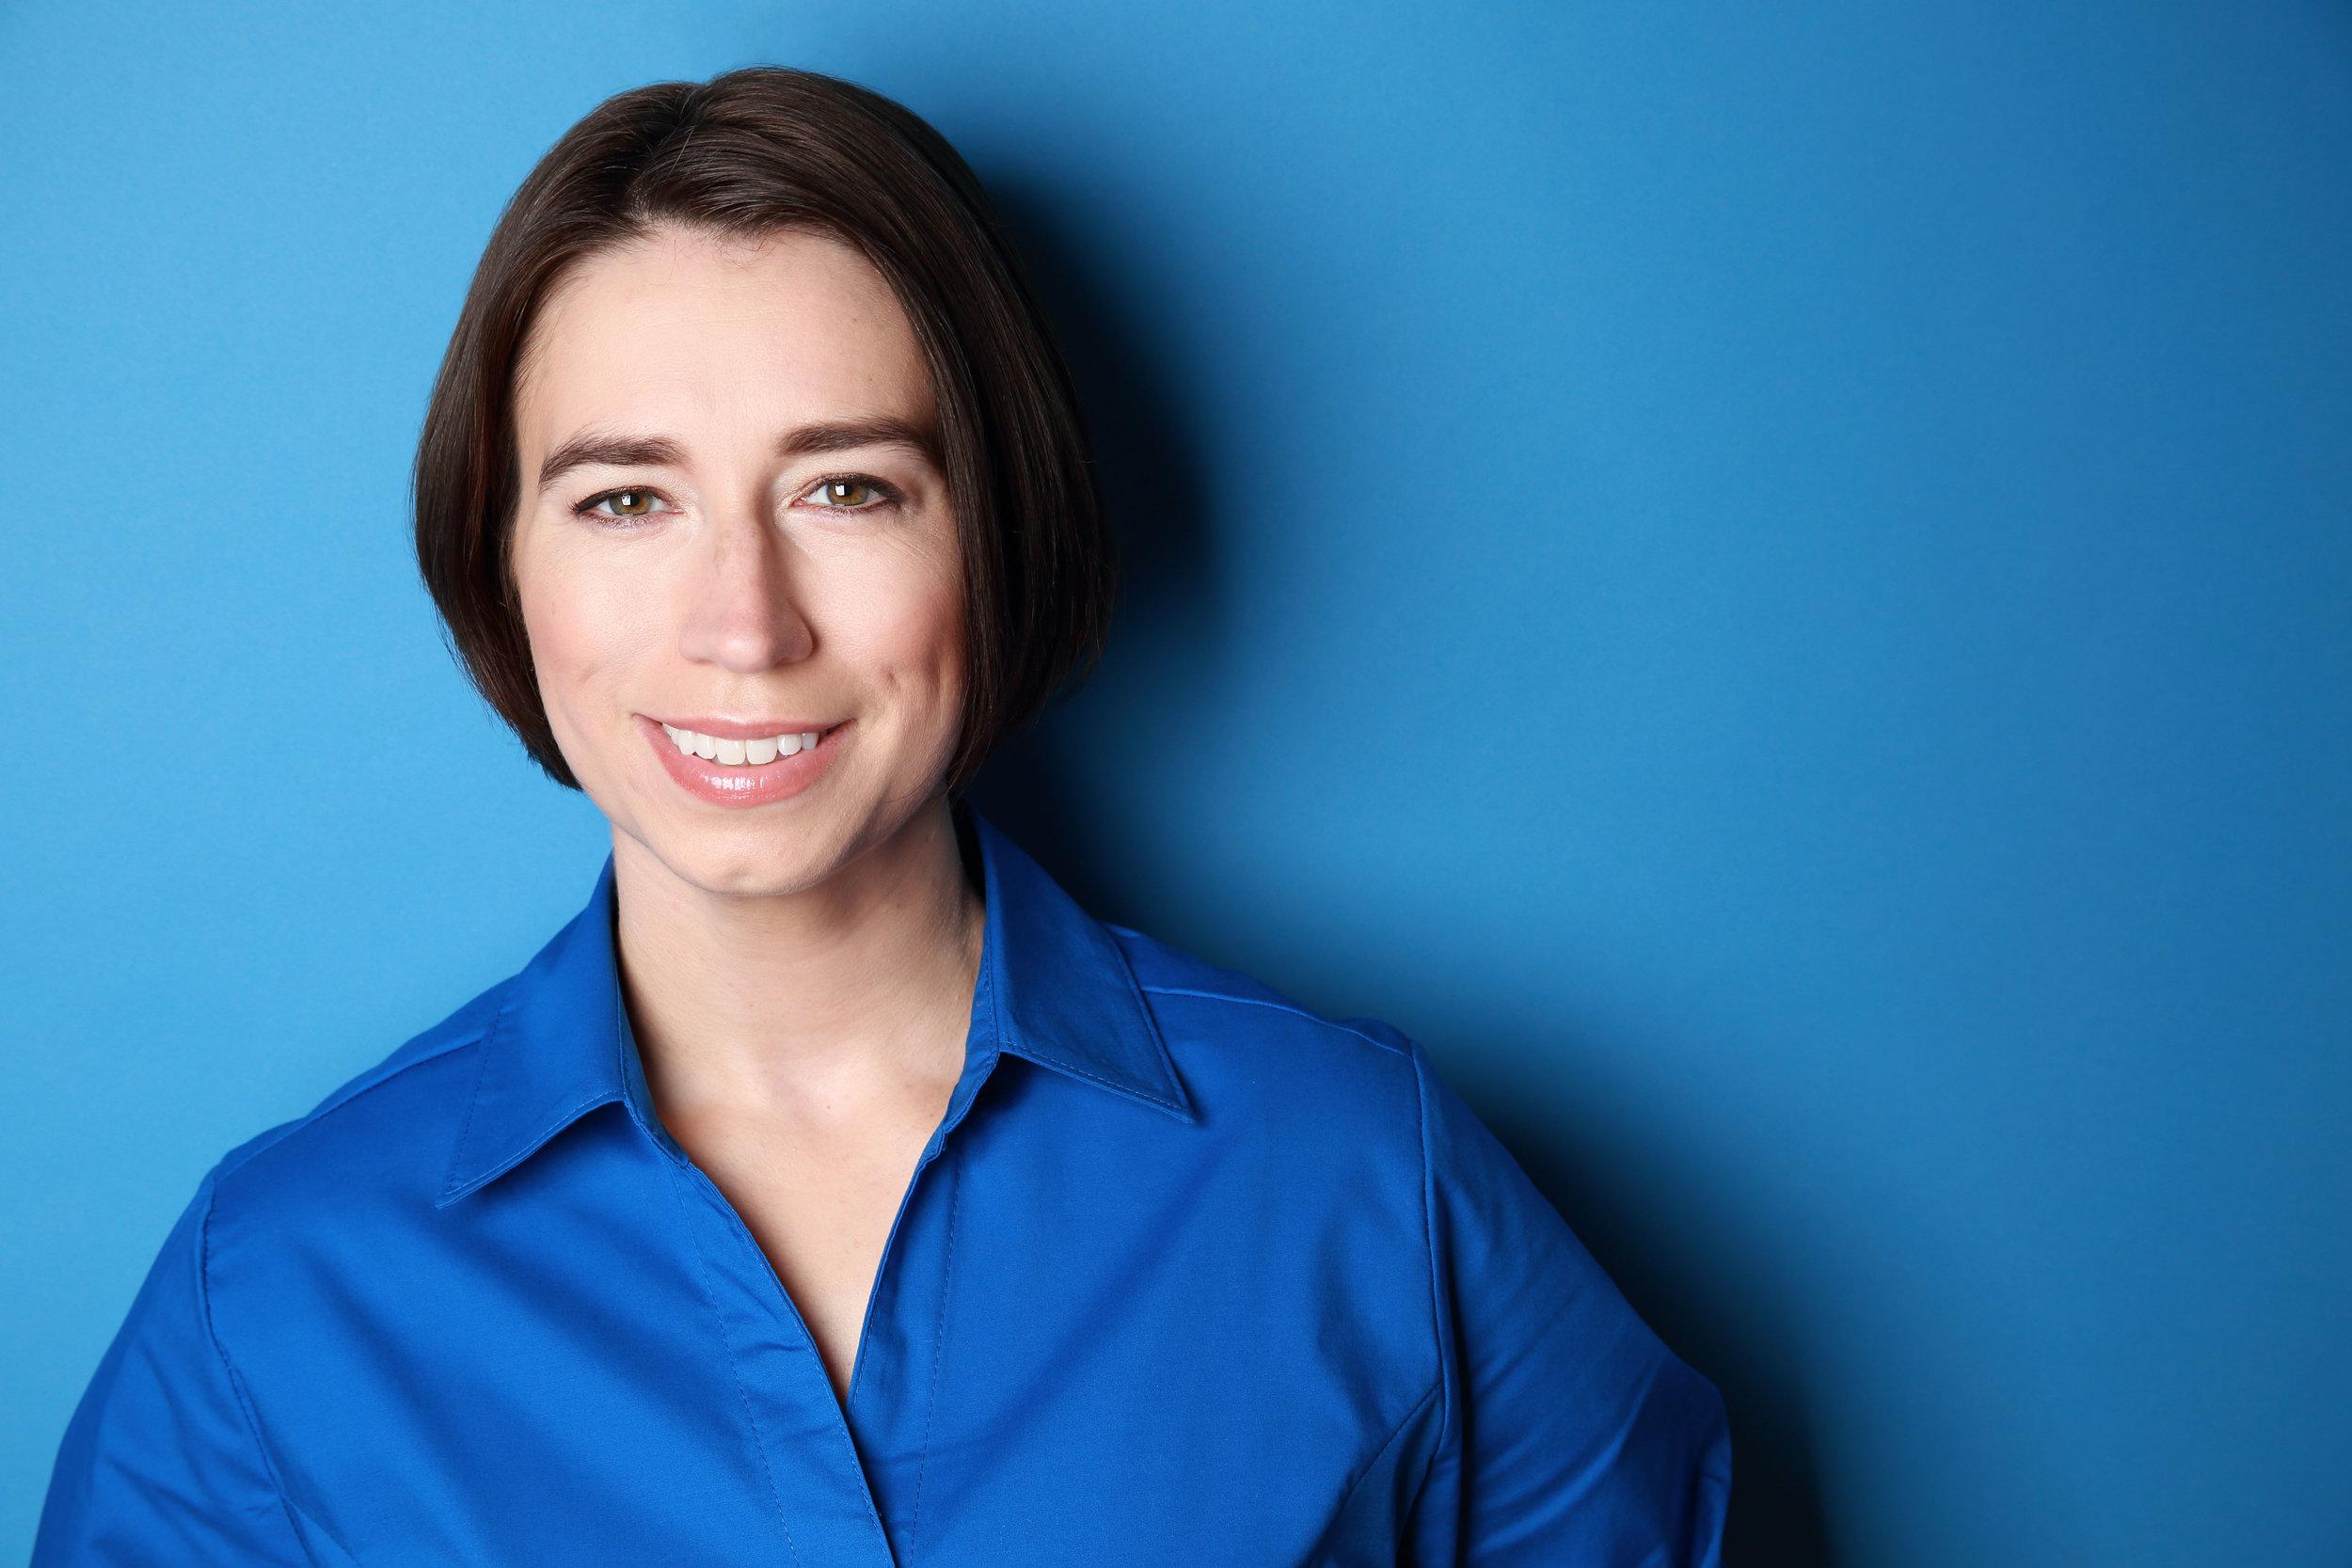 Adrienne Brammer Headshot.jpg